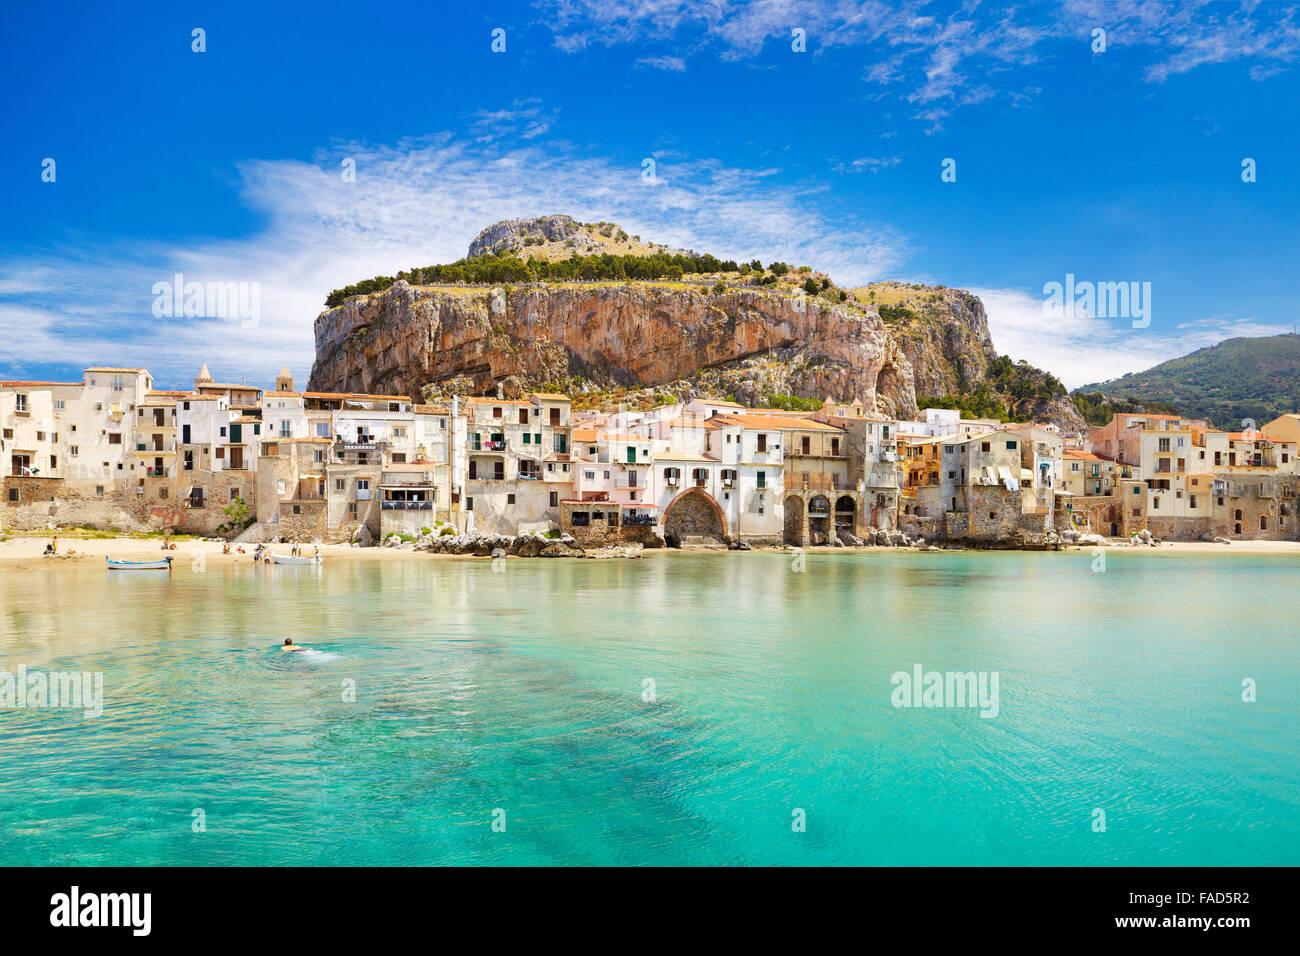 Maisons médiévales et la Rocca Hill, Cefalù, Sicile, Italie Photo Stock